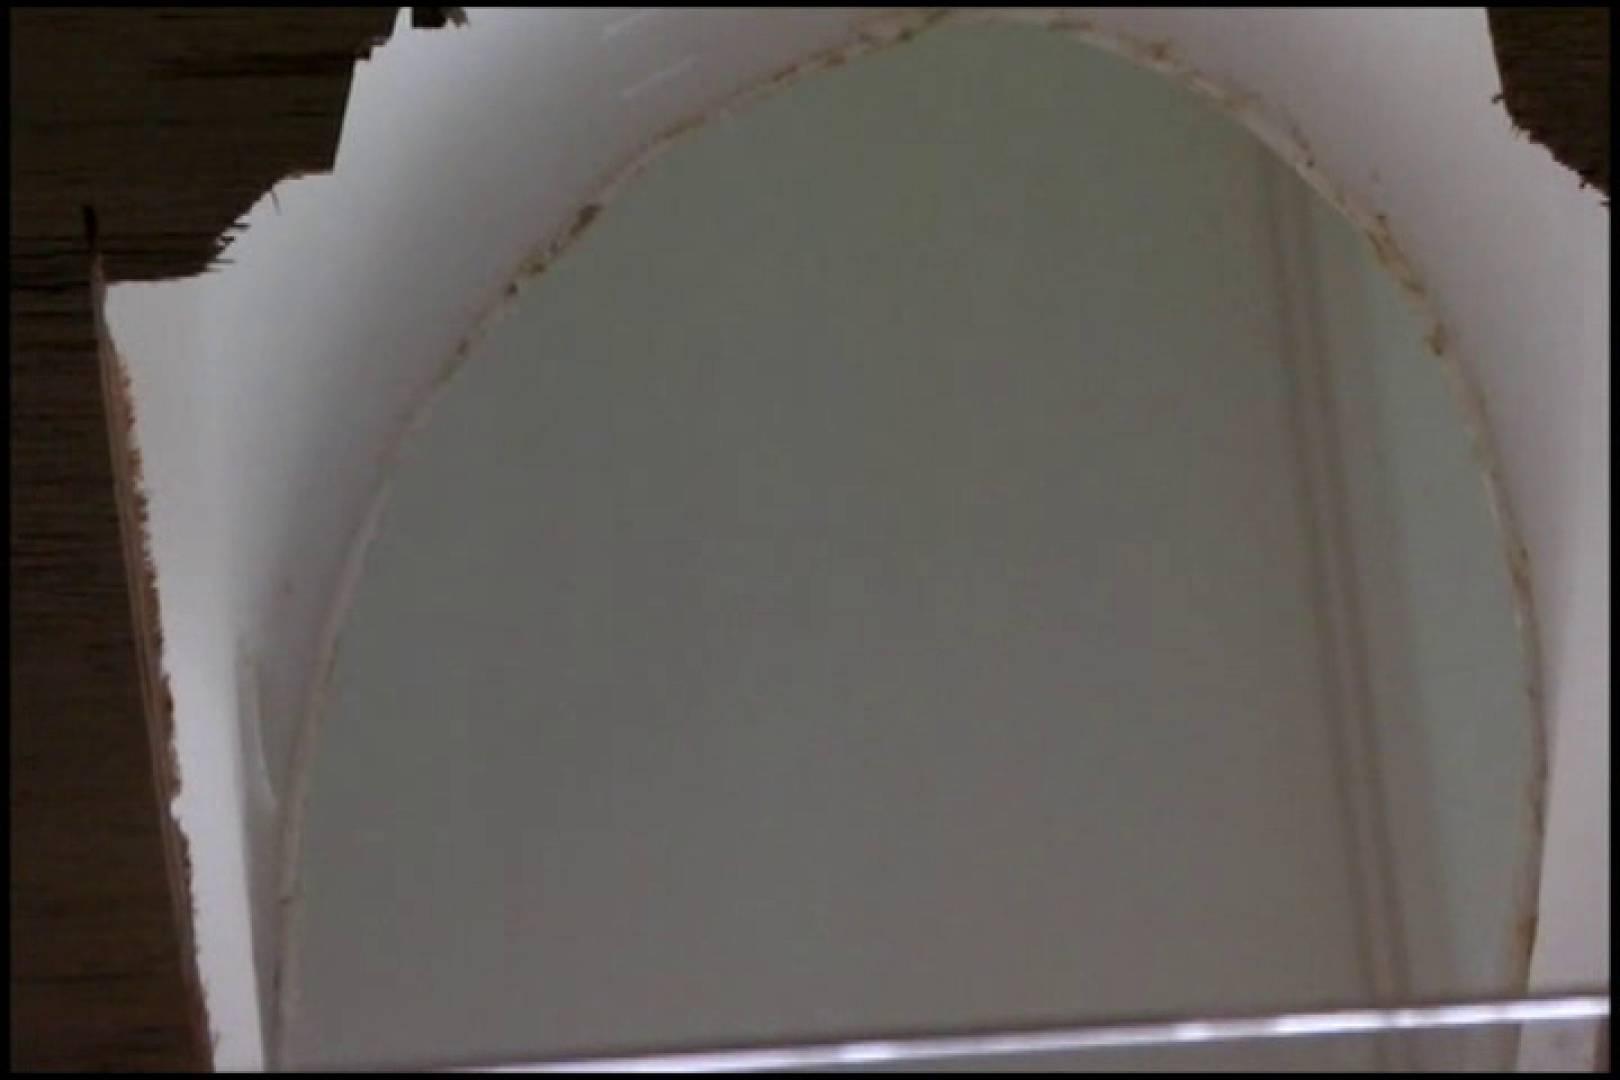 和式にまたがる女たちを待ちうけるカメラの衝撃映像vol.02 盗撮 スケベ動画紹介 83画像 75